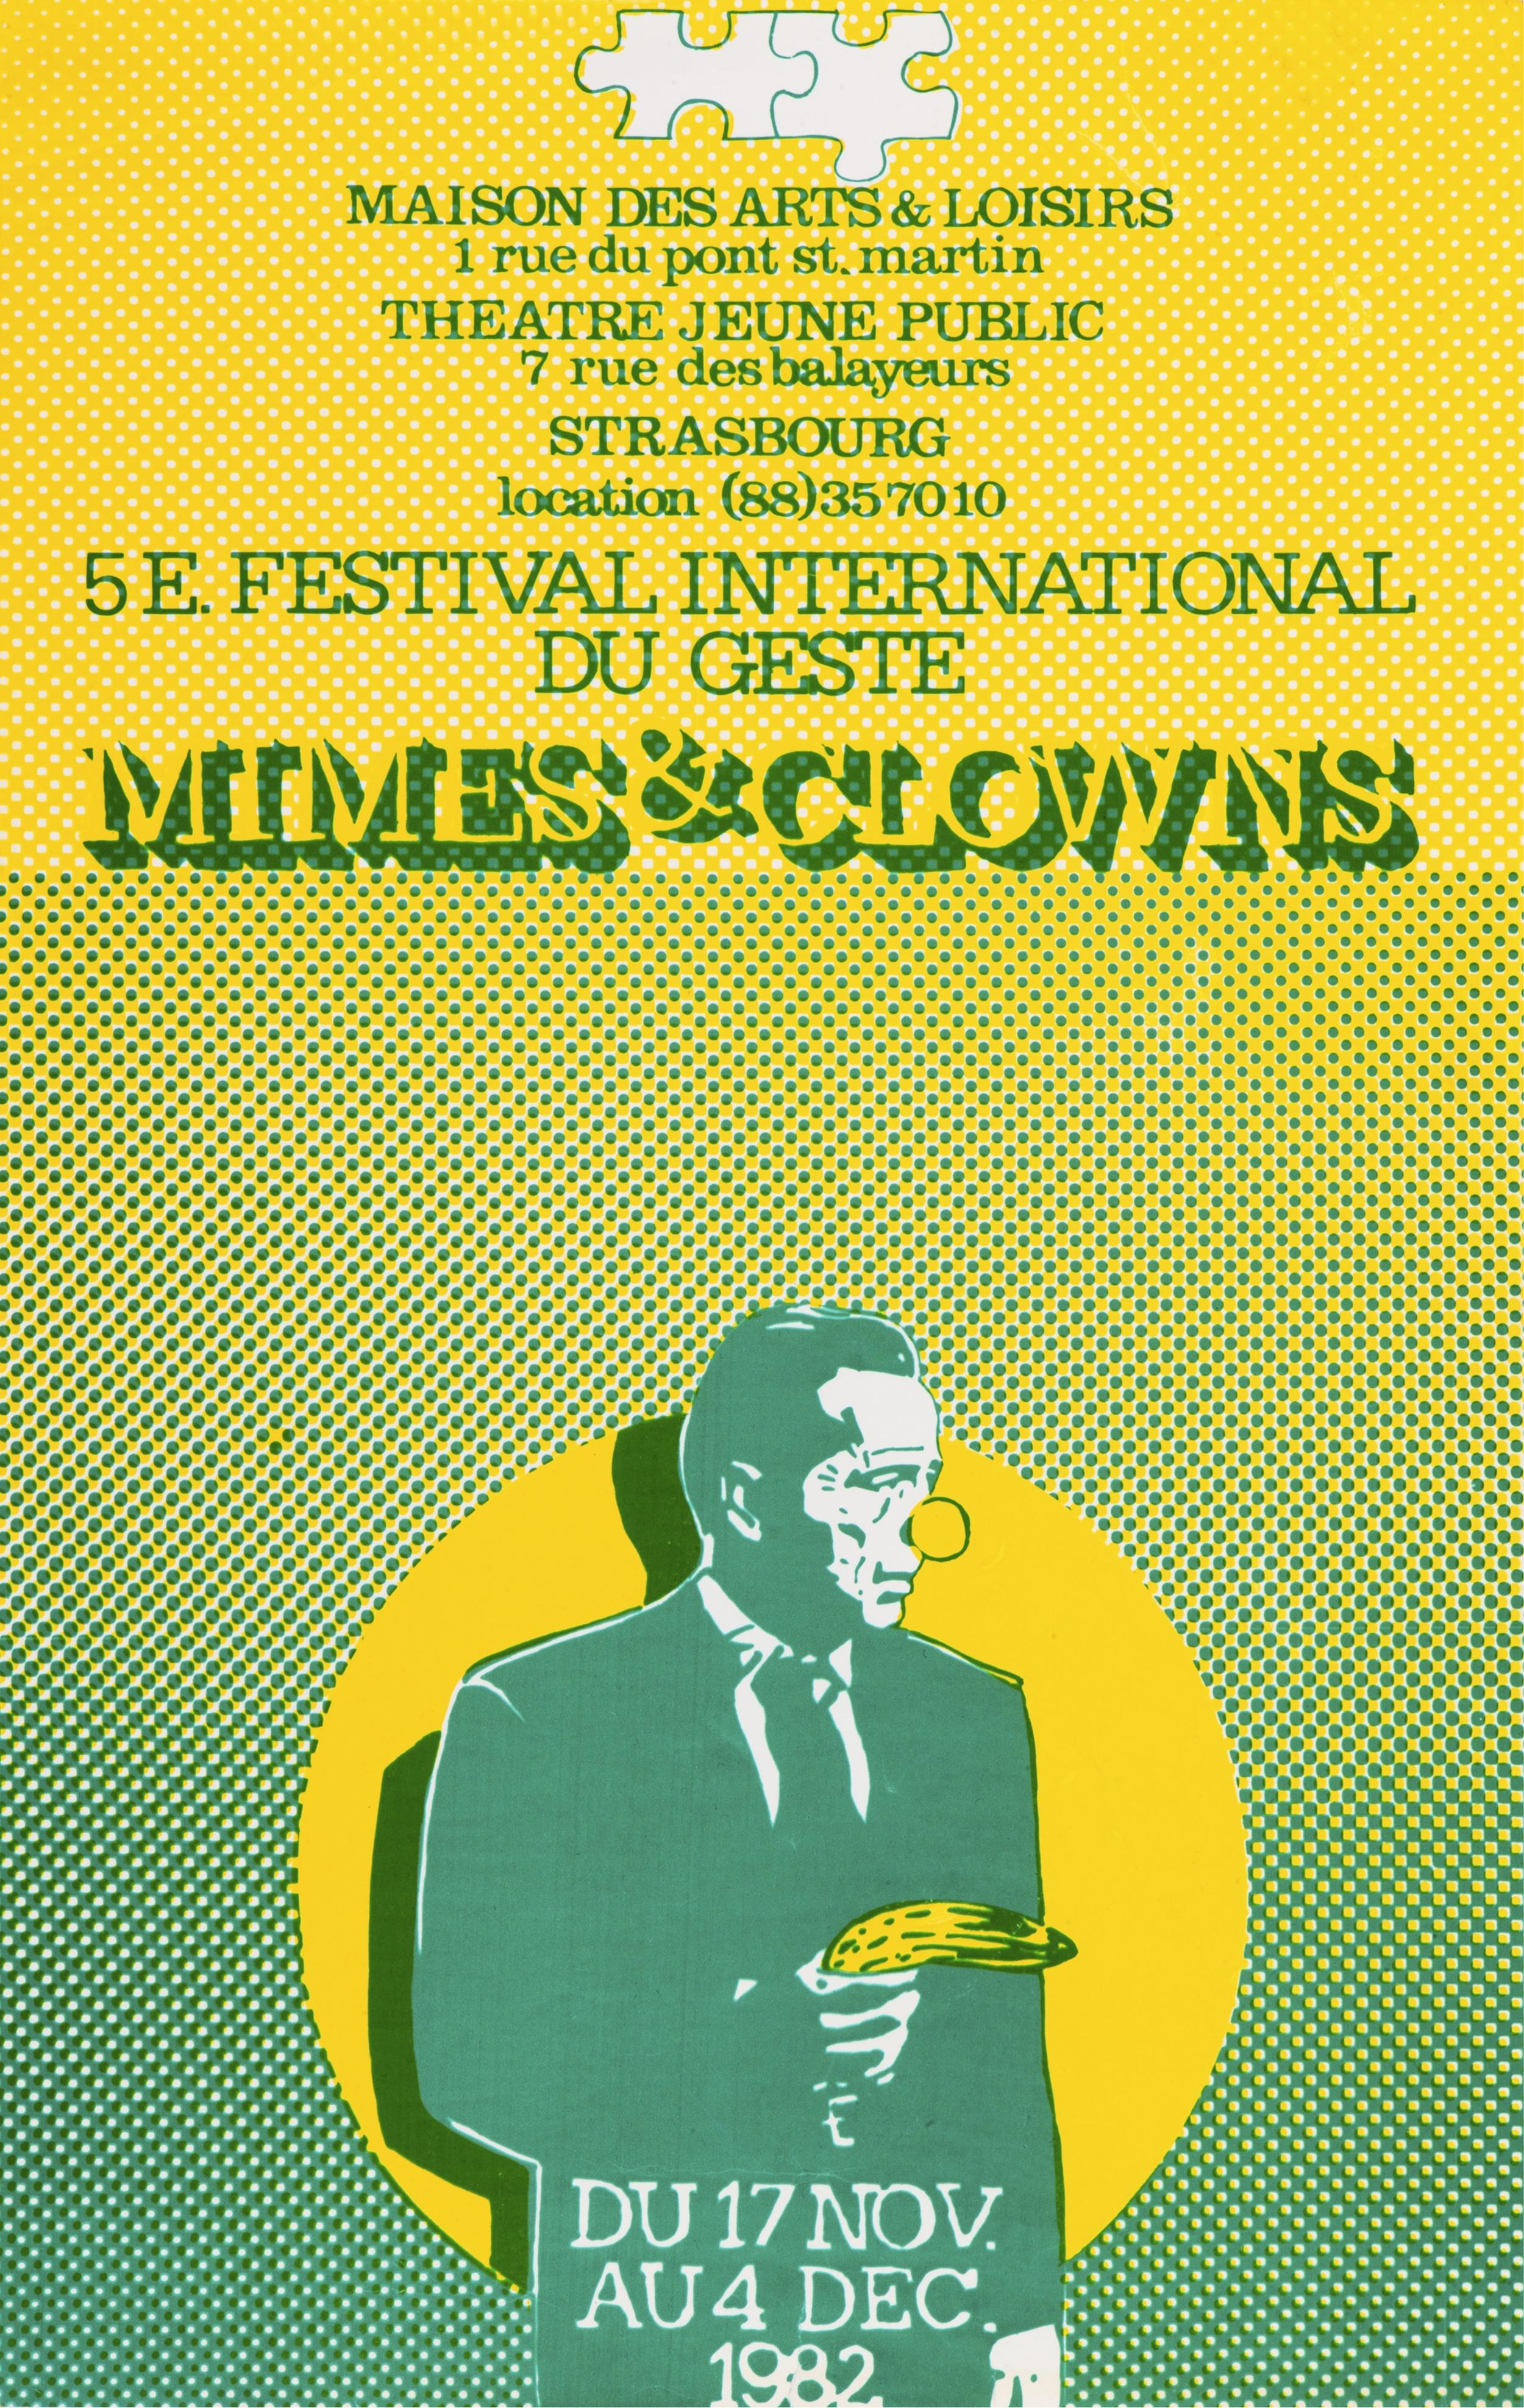 Affiche Mimes & Clowns (17 novembre, 4 décembre 1982). Graphiste : P. Peiffer, 120X80 cm. Archives TJP, Strasbourg.